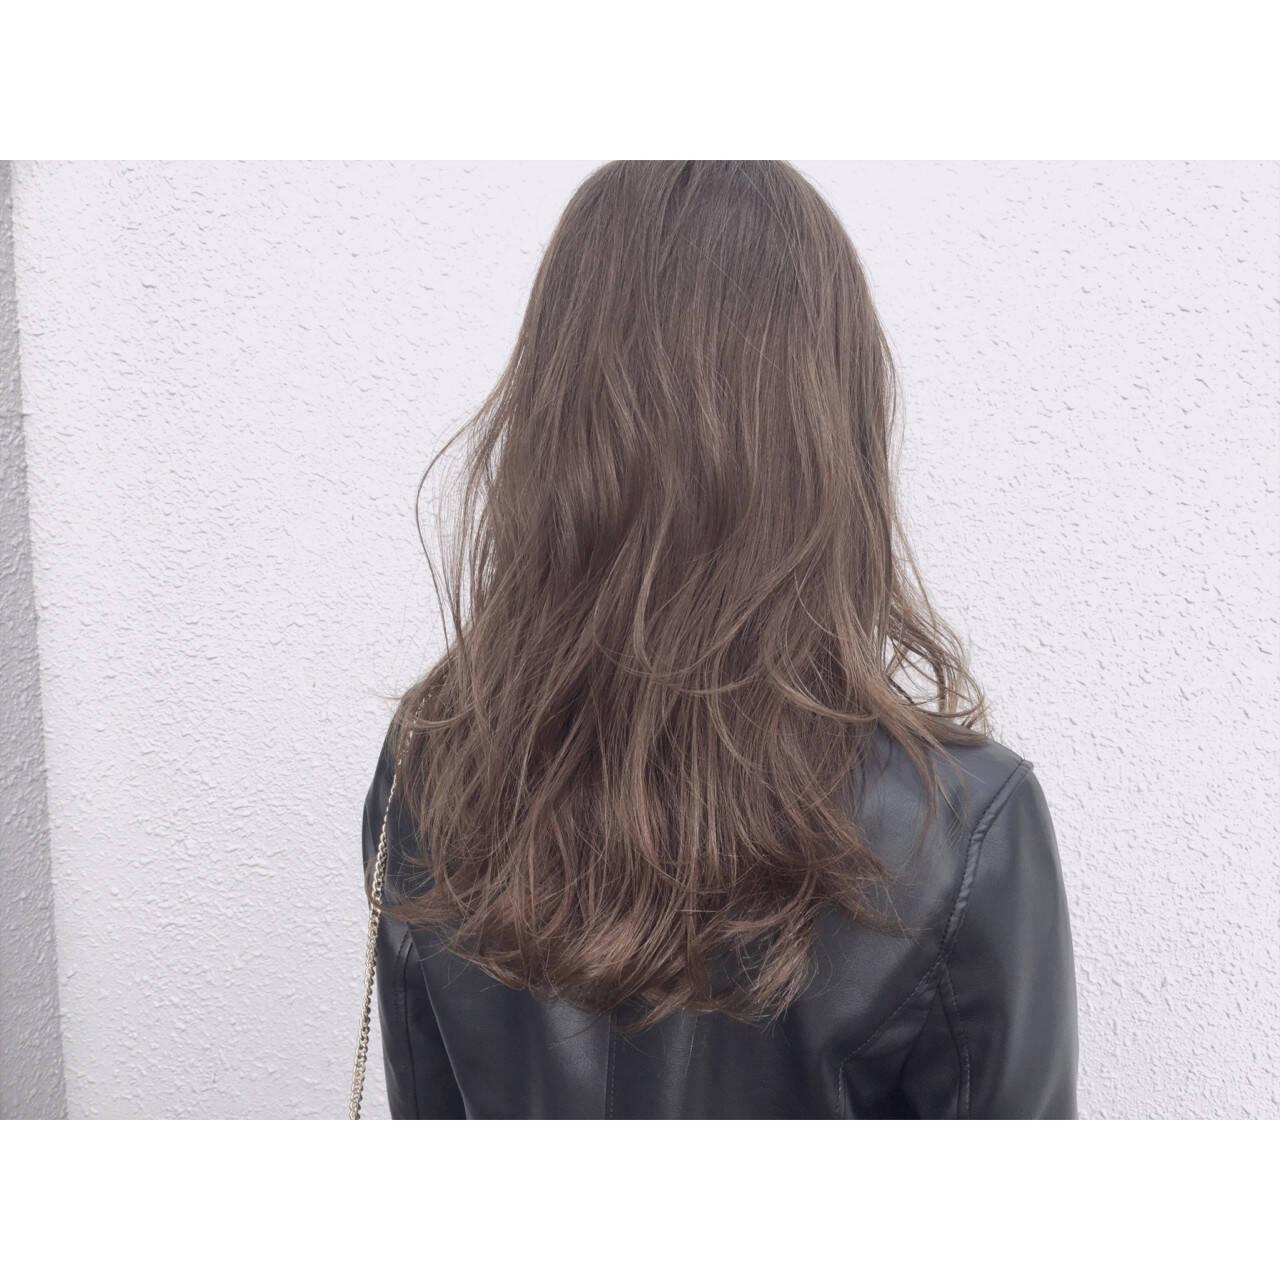 ゆるふわ アッシュ ハイライト セミロングヘアスタイルや髪型の写真・画像